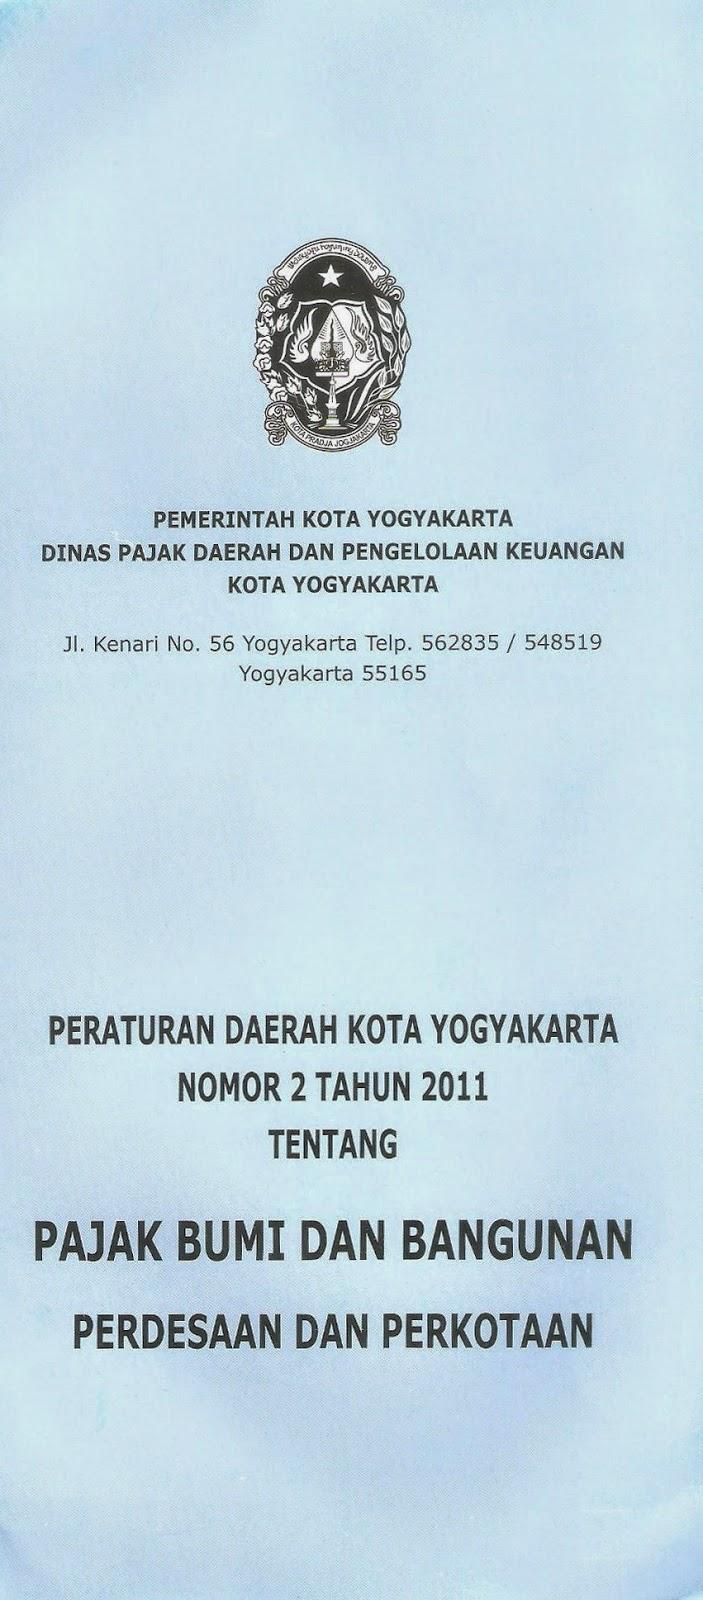 http://hukum.jogjakota.go.id/data/11PDY002.pdf